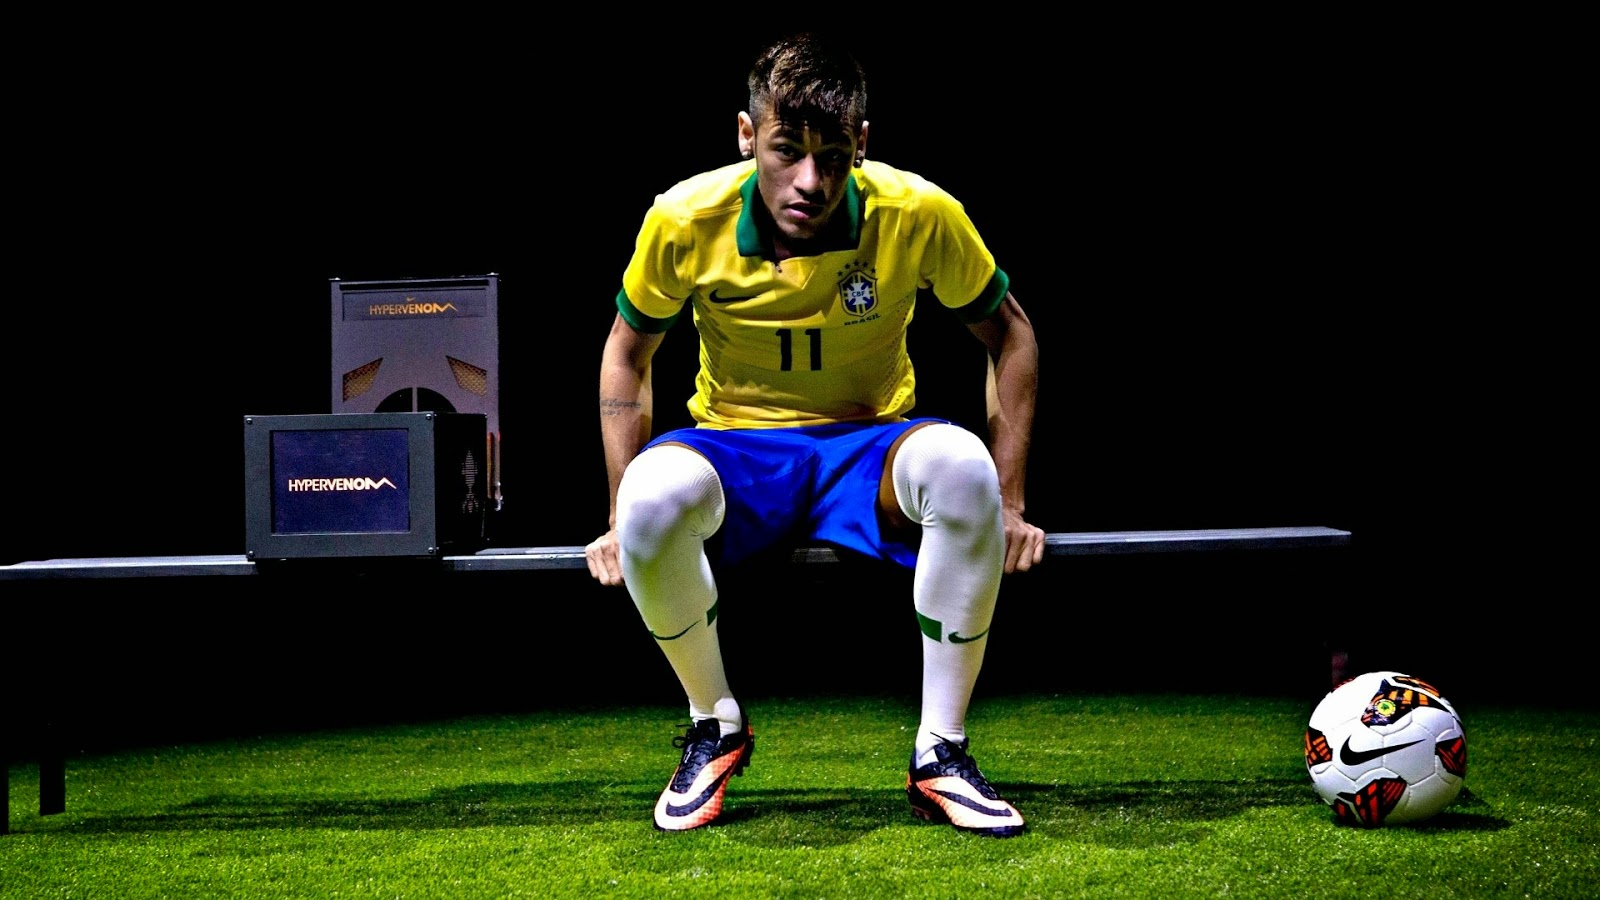 https://3.bp.blogspot.com/-Mq015Ab0Ogs/U6bvVftmLKI/AAAAAAAAZ3M/s89ayZxDxgM/s1600/neymar_jr_brazil_2014_world_cup_wallpaper.jpg